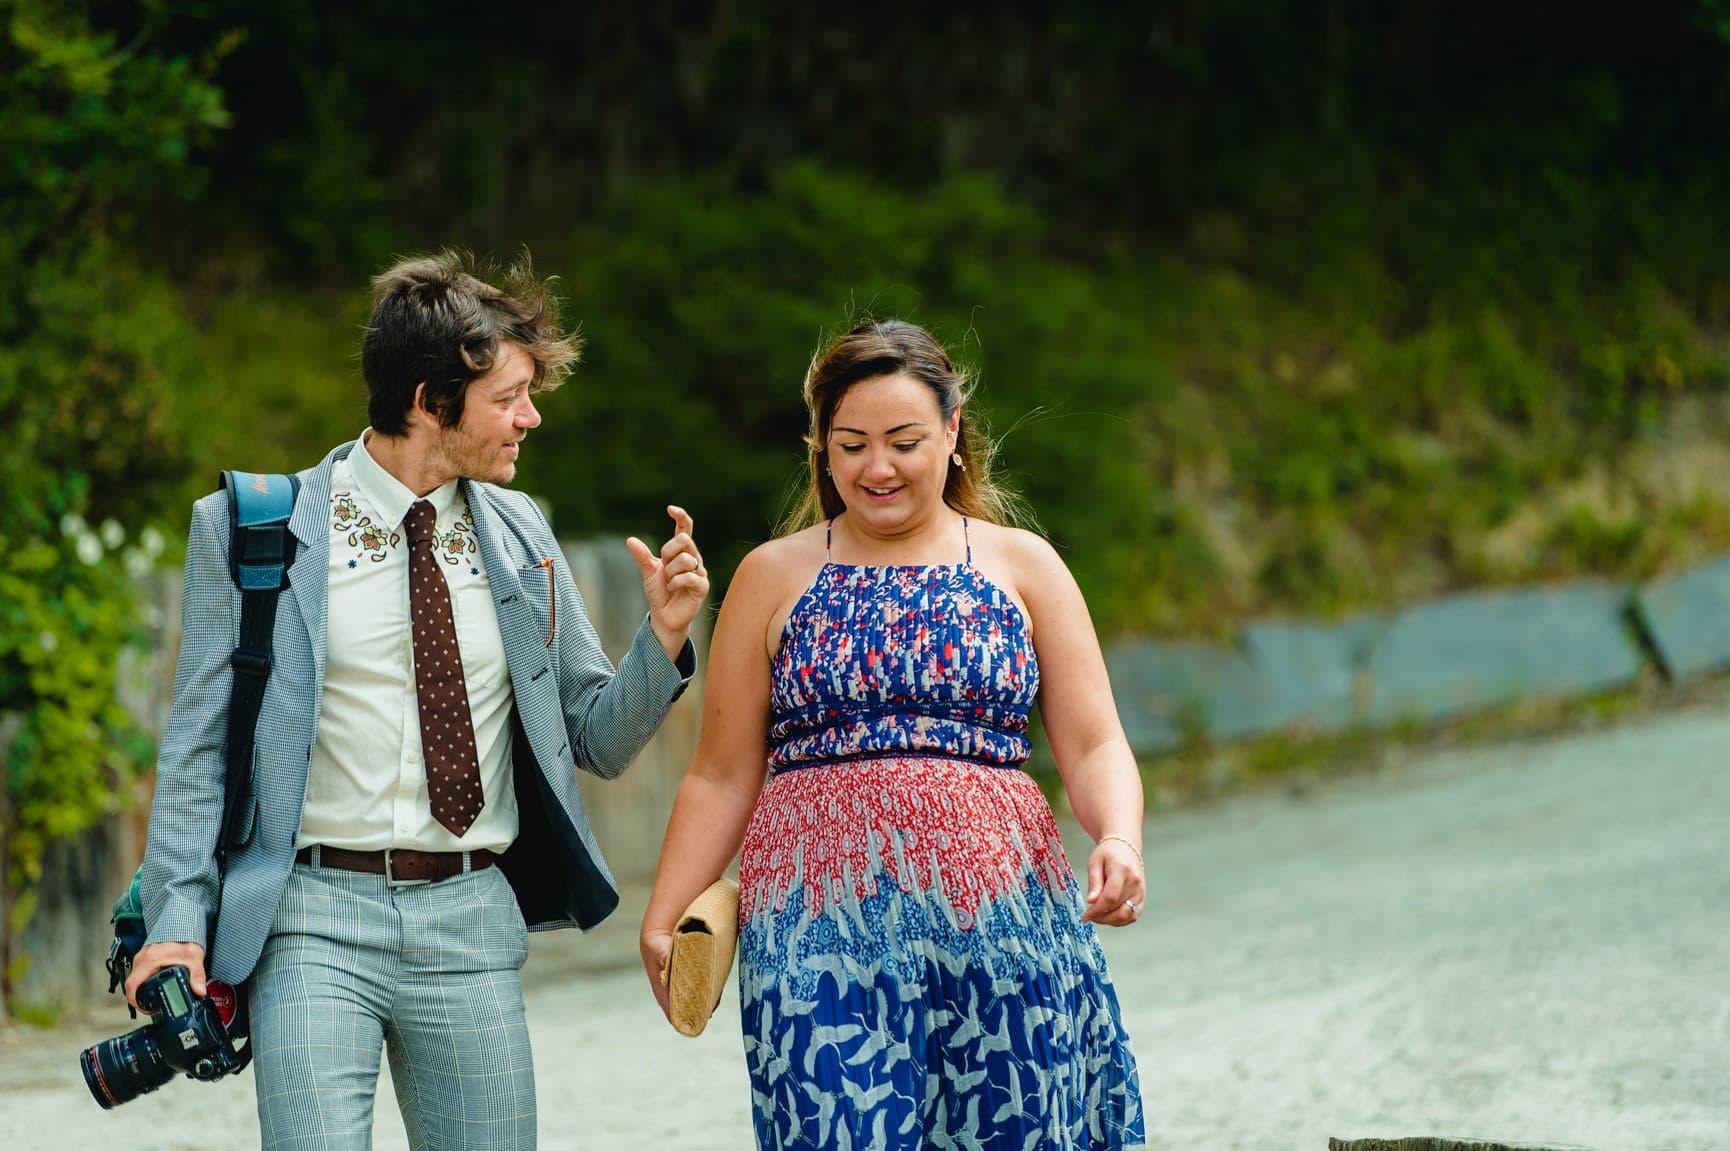 Fforest Wedding, Cardigan, Wales - Lauren and Gareth 51